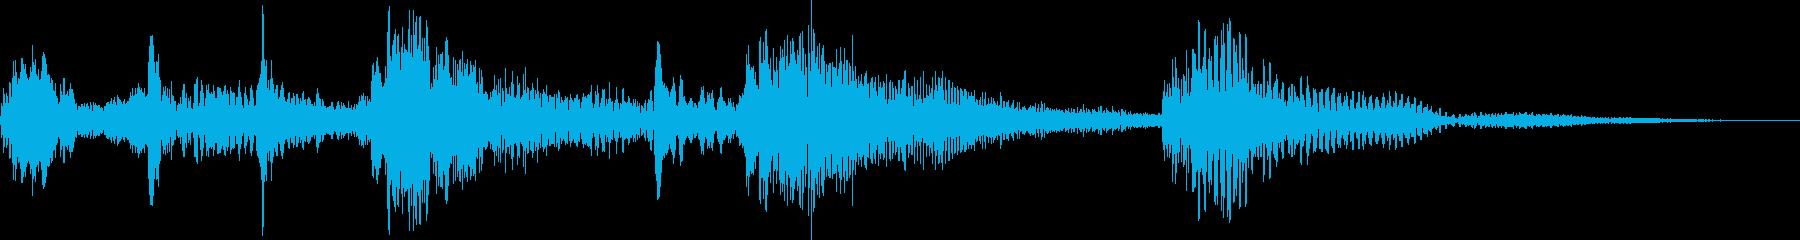 休憩時・画面転換の再生済みの波形